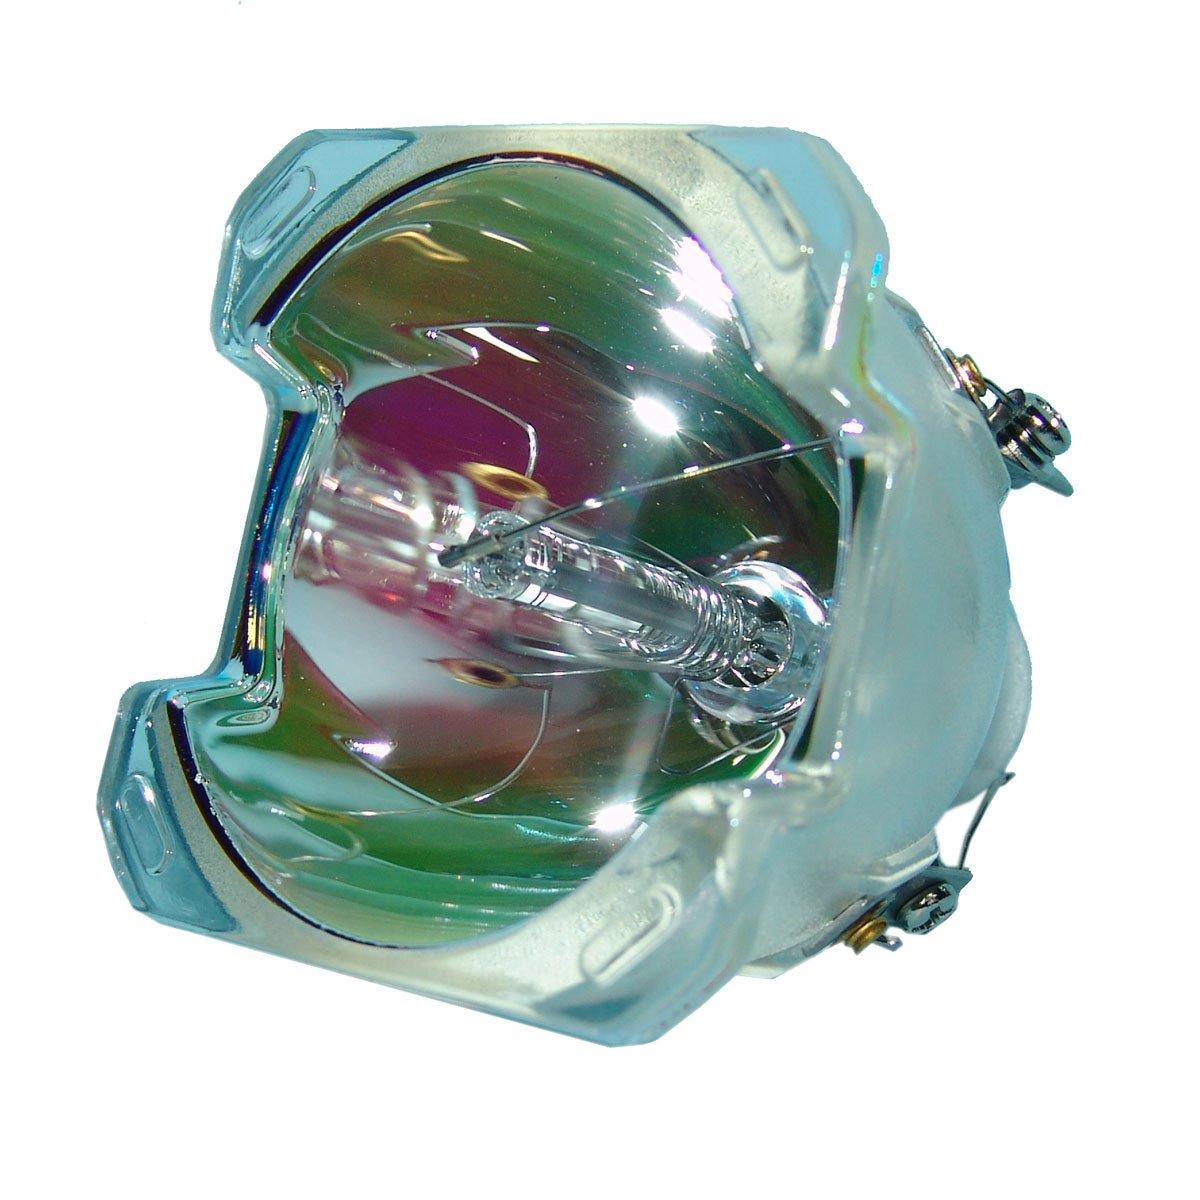 LYTIO エコノミー BenQ 5J.J3905.001 プロジェクターランプ (電球のみ) 5J.J3905001   B07JWJBMHS